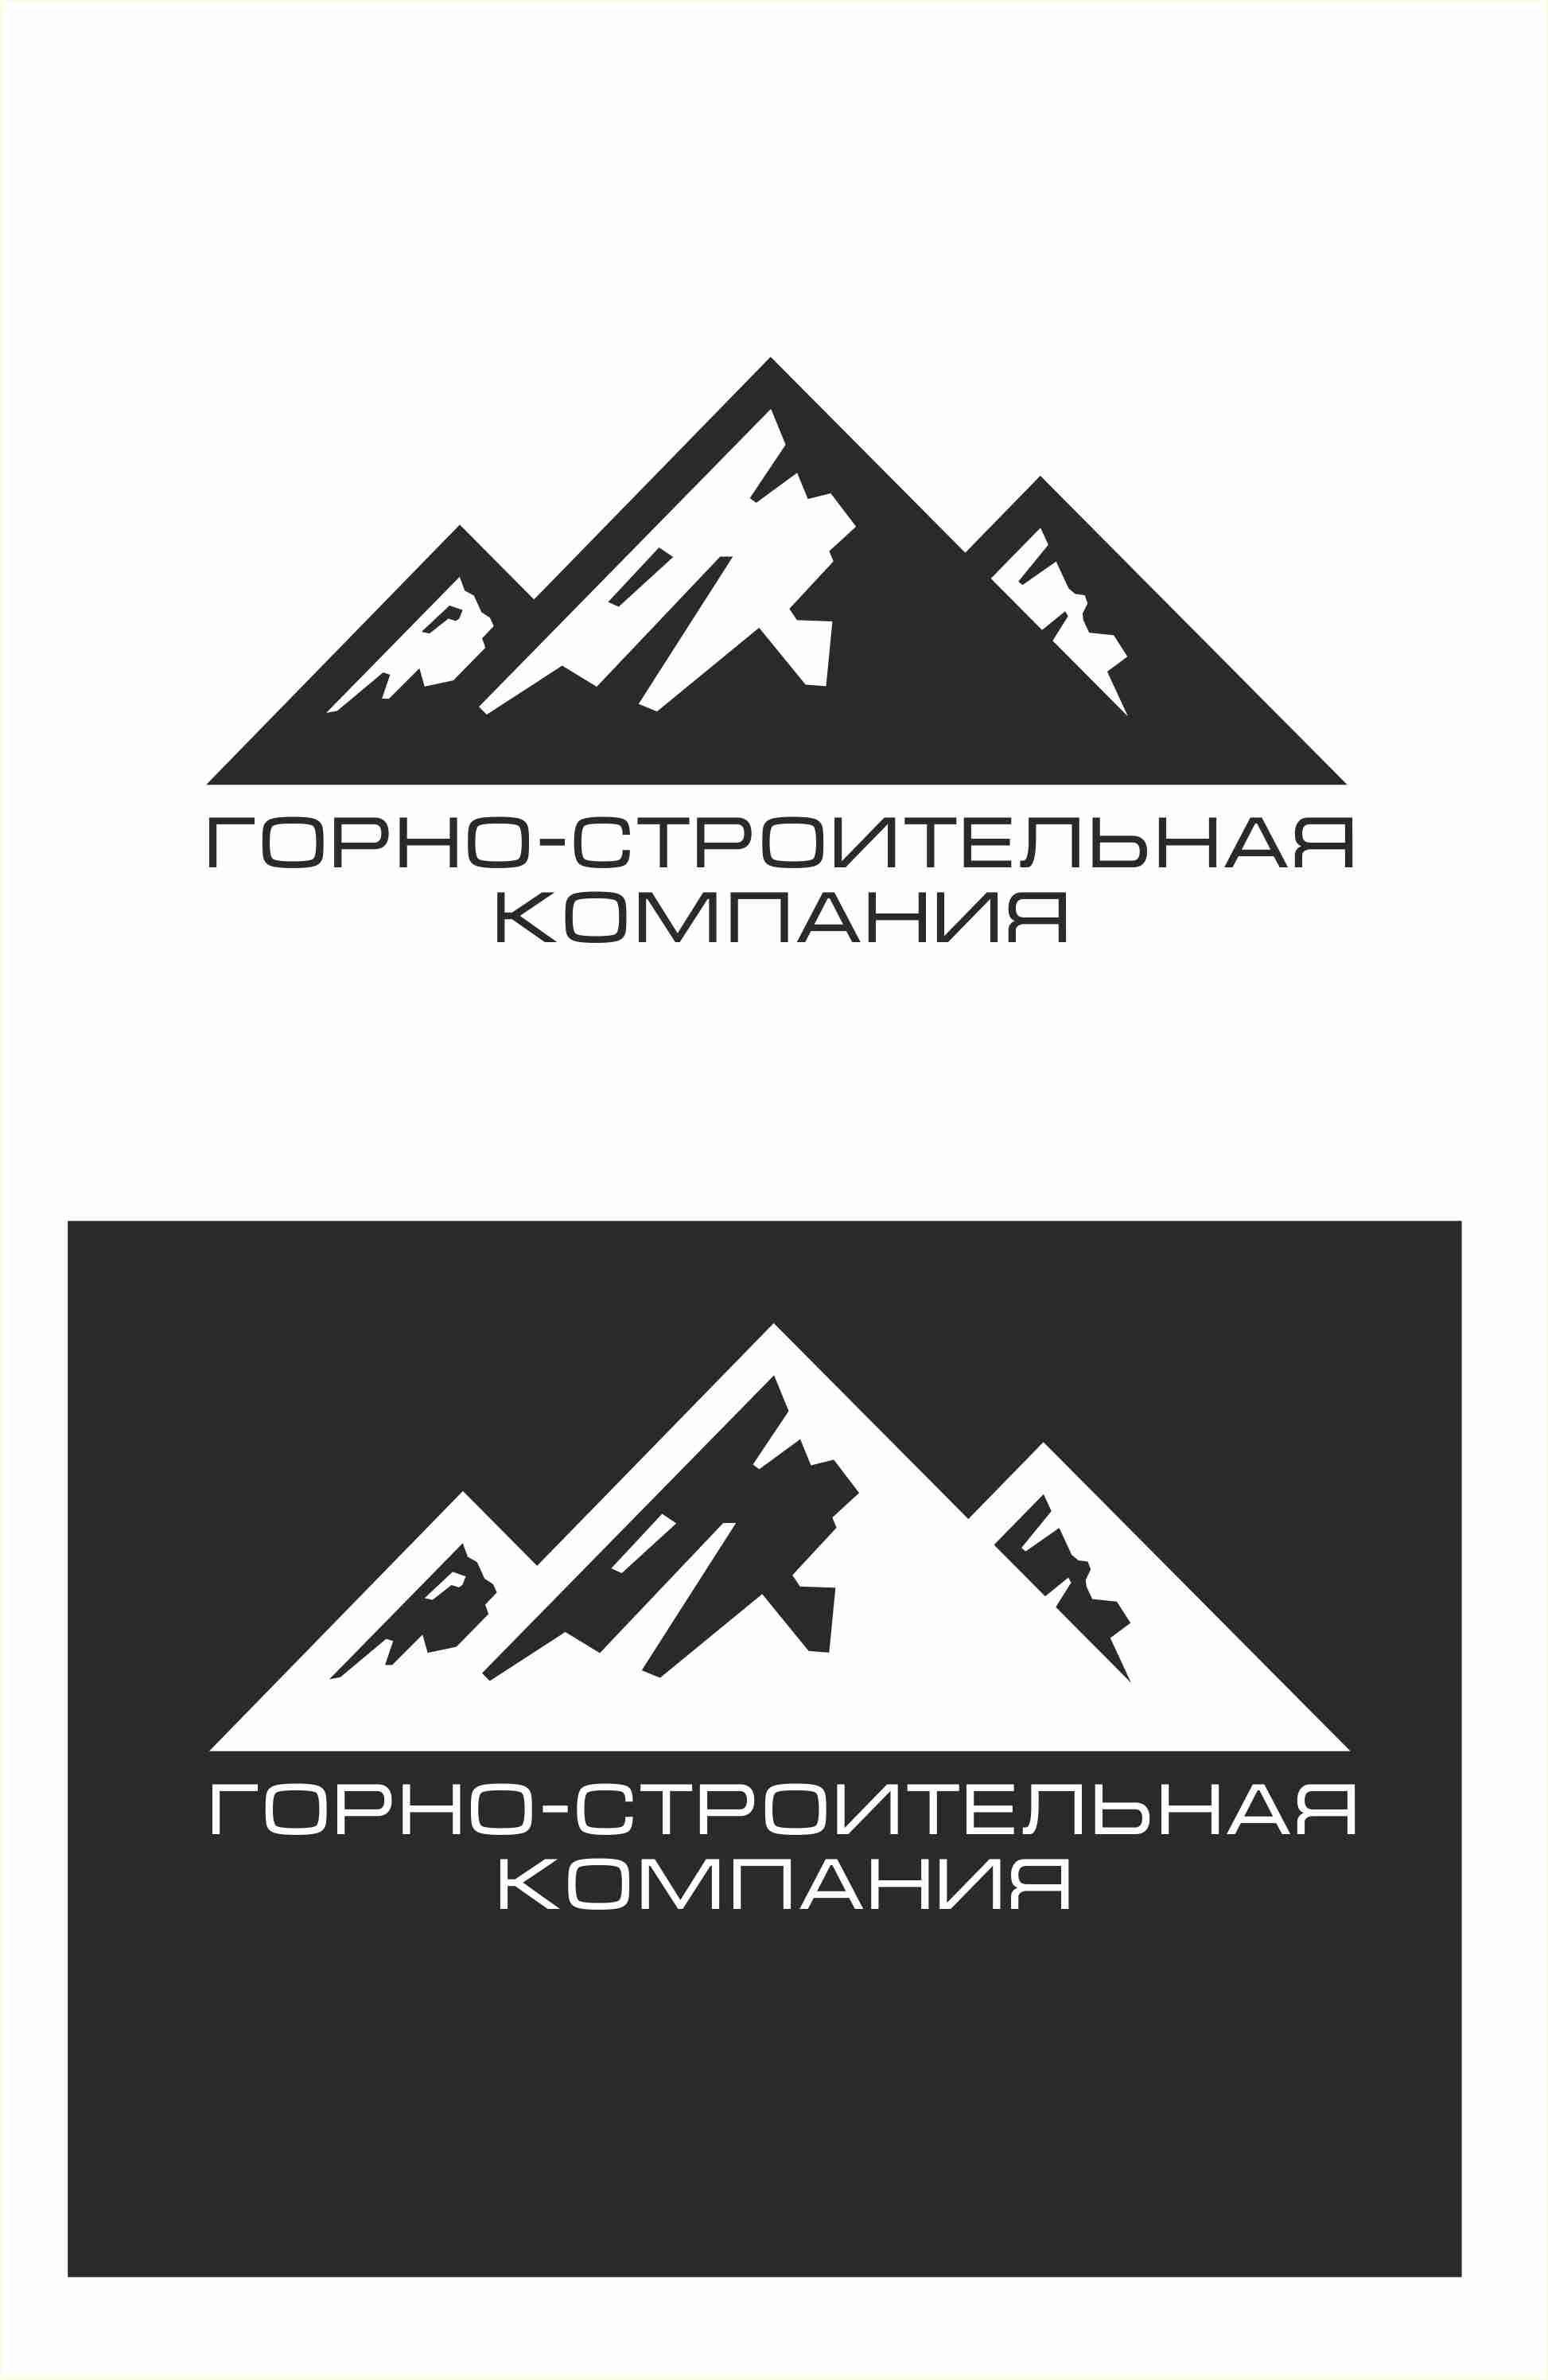 Логотип для Горно-Строительной Компании - дизайнер liklik